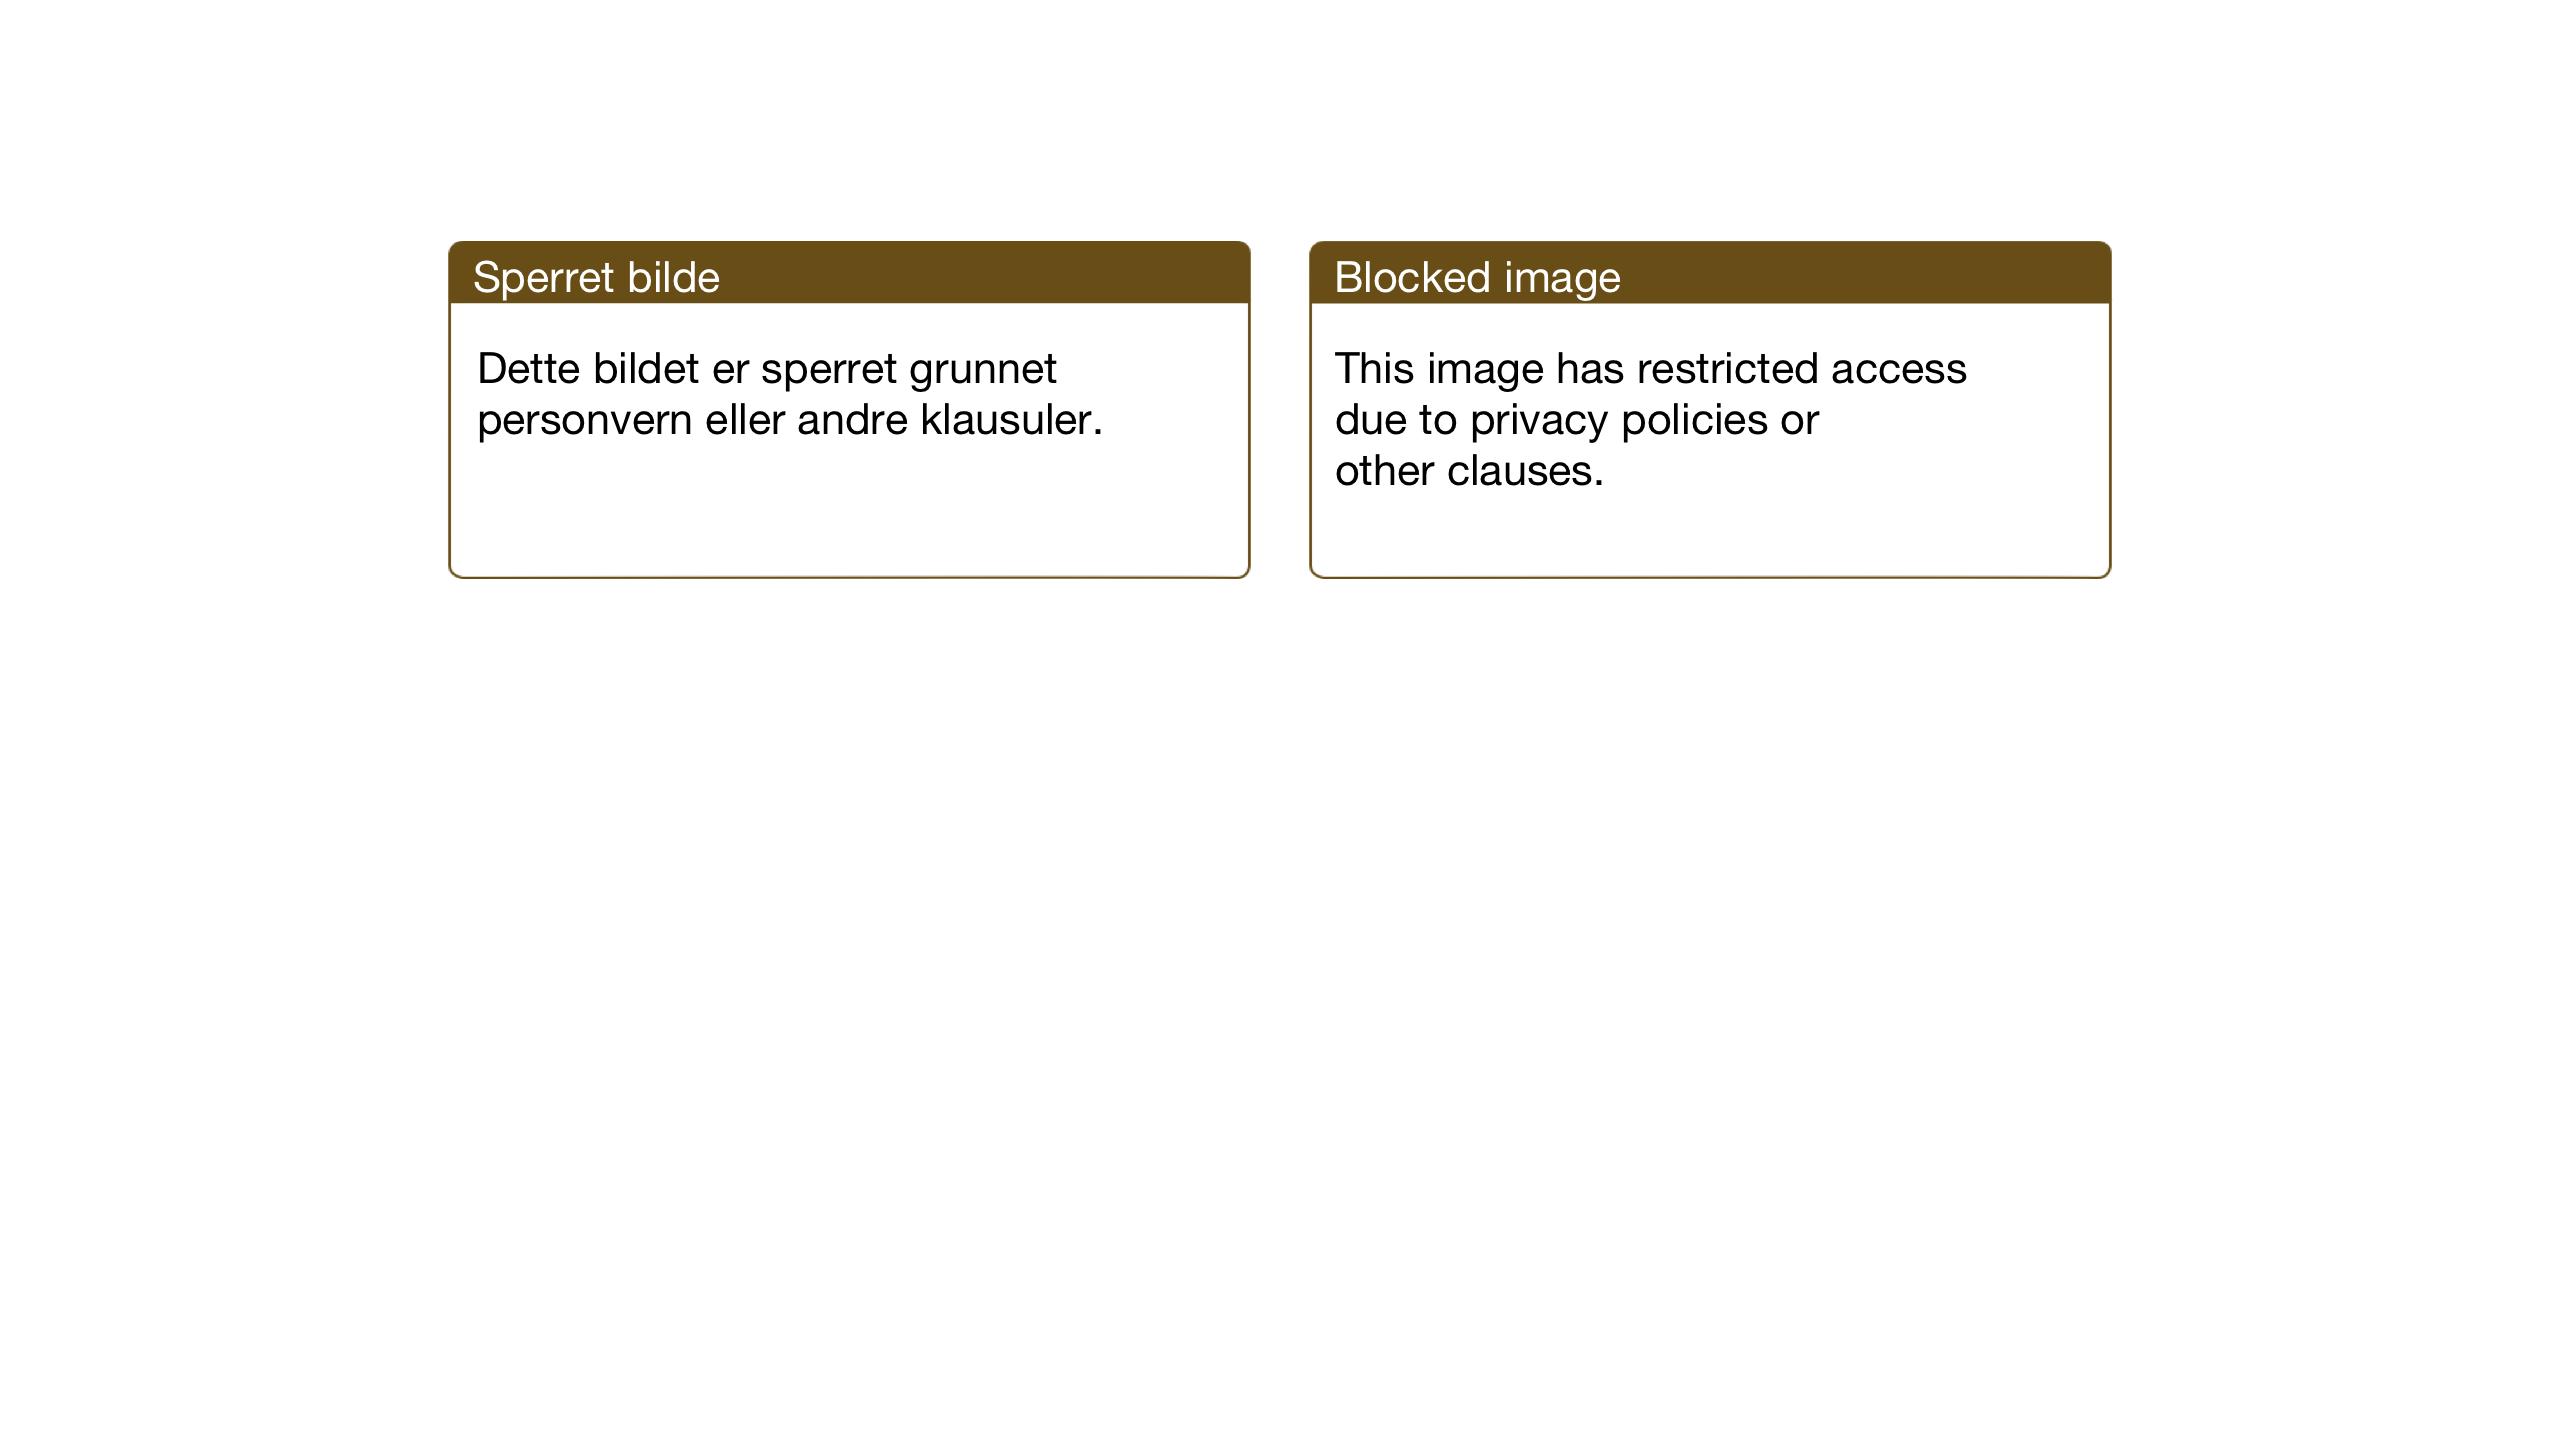 SAT, Ministerialprotokoller, klokkerbøker og fødselsregistre - Nord-Trøndelag, 786/L0689: Klokkerbok nr. 786C01, 1940-1948, s. 92-93